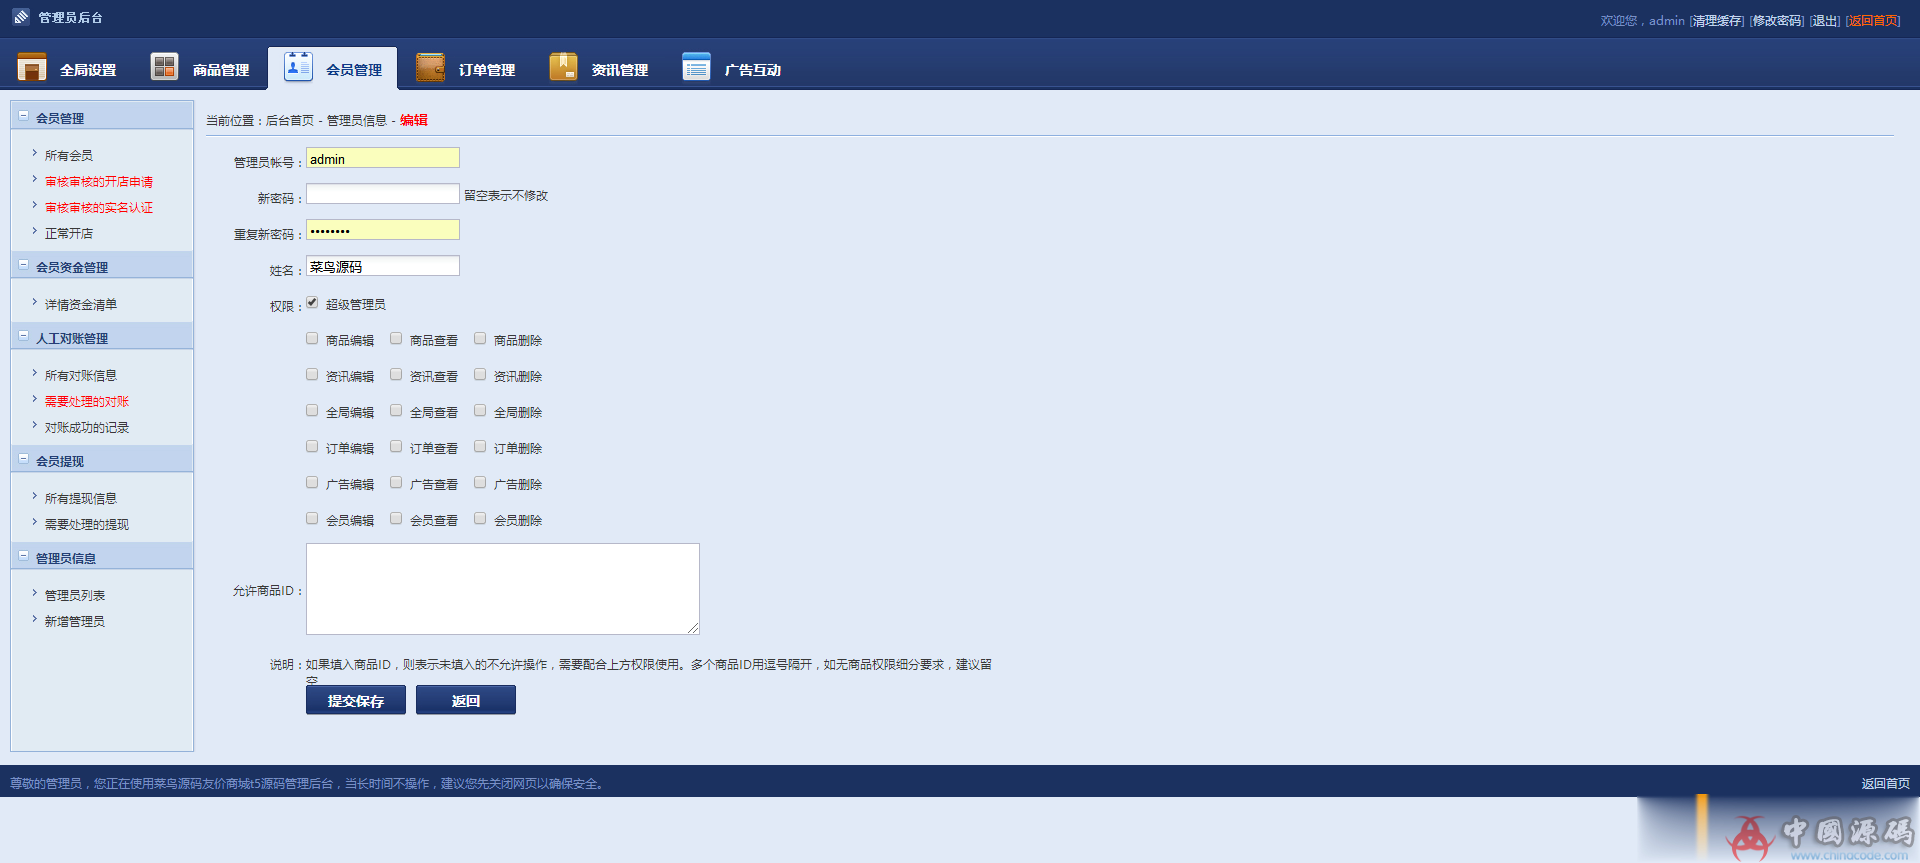 星期派正版数字交易平台源码友价T5内核加上星期派源码交易系统绿白风格模板 网站-第7张